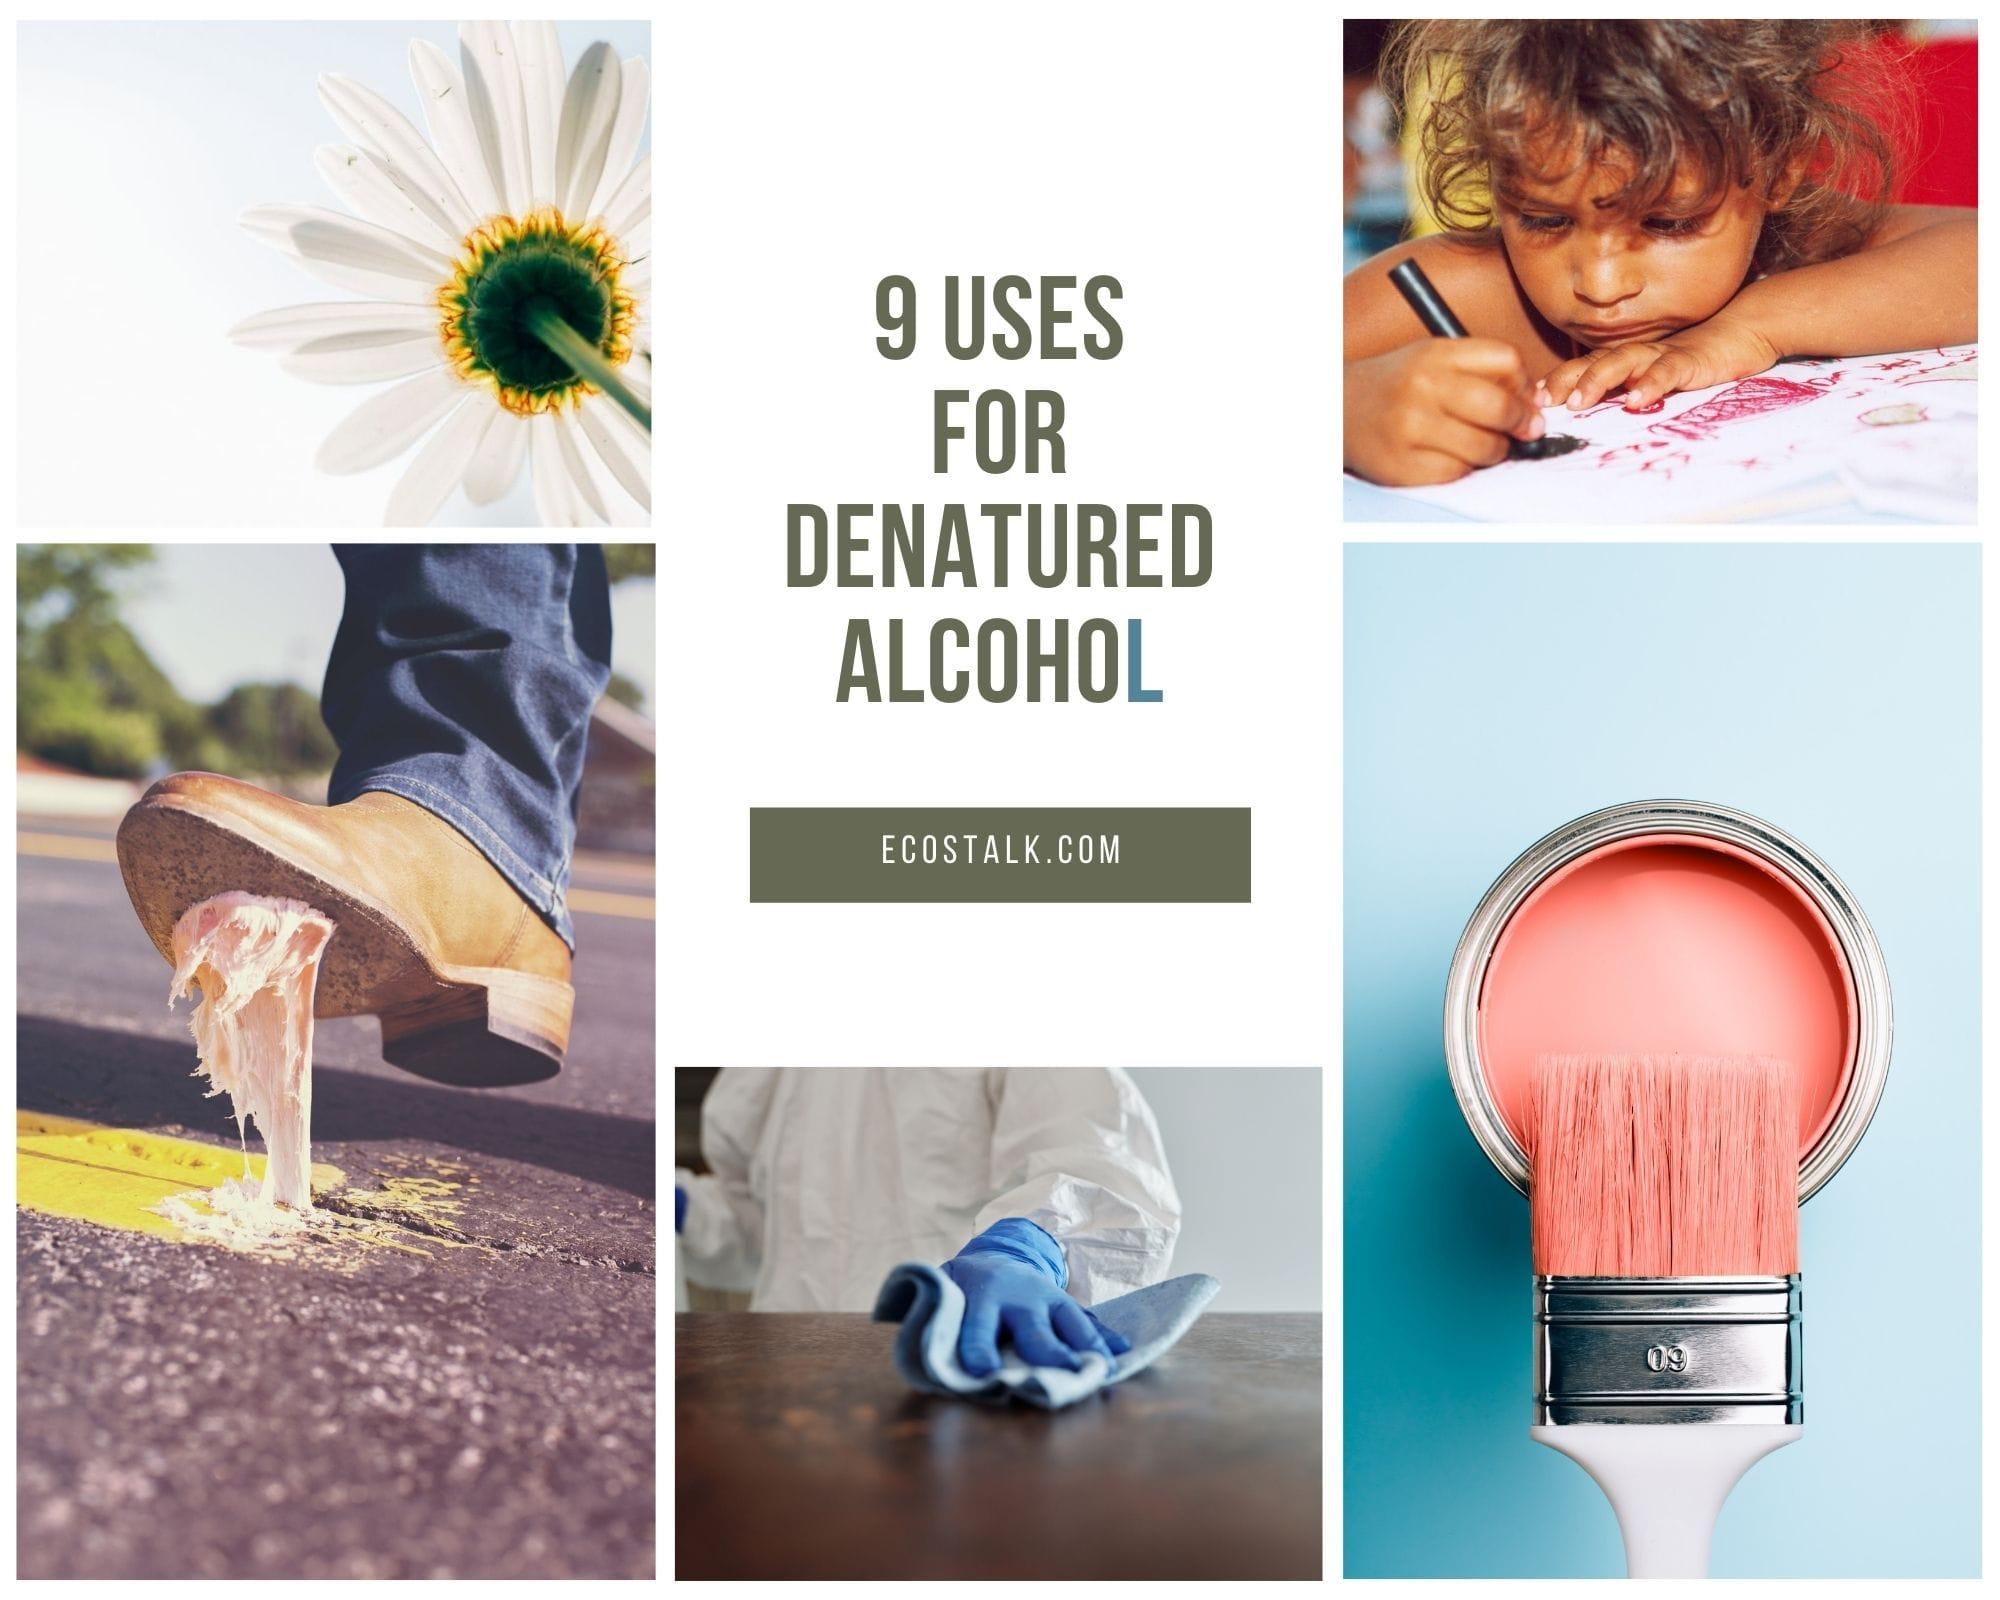 denatured alcohol collage